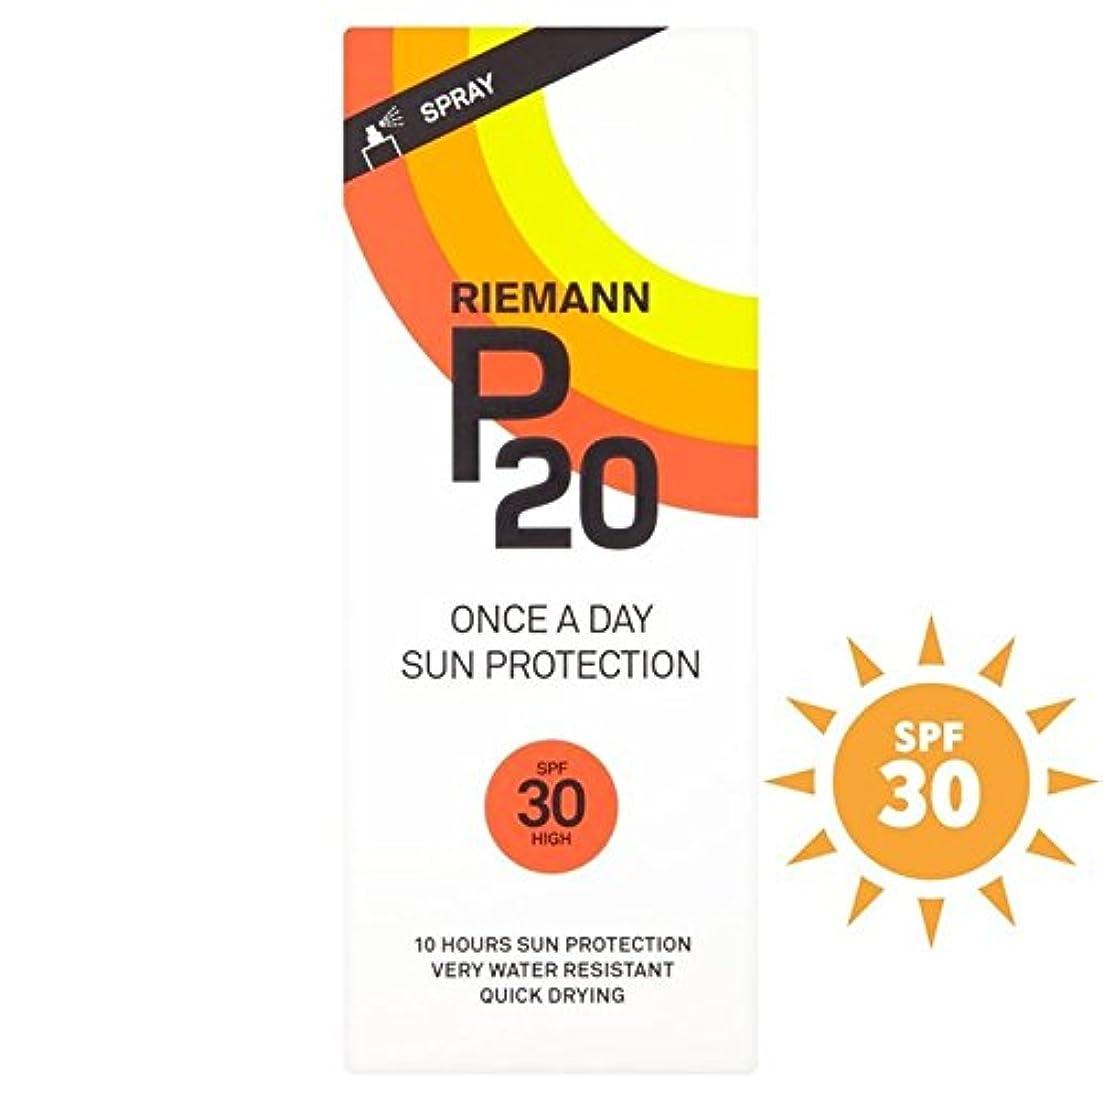 透過性関与する落胆させるリーマン20 30 1日/ 10時間の保護200ミリリットル x4 - Riemann P20 SPF30 1 Day/10 Hour Protection 200ml (Pack of 4) [並行輸入品]